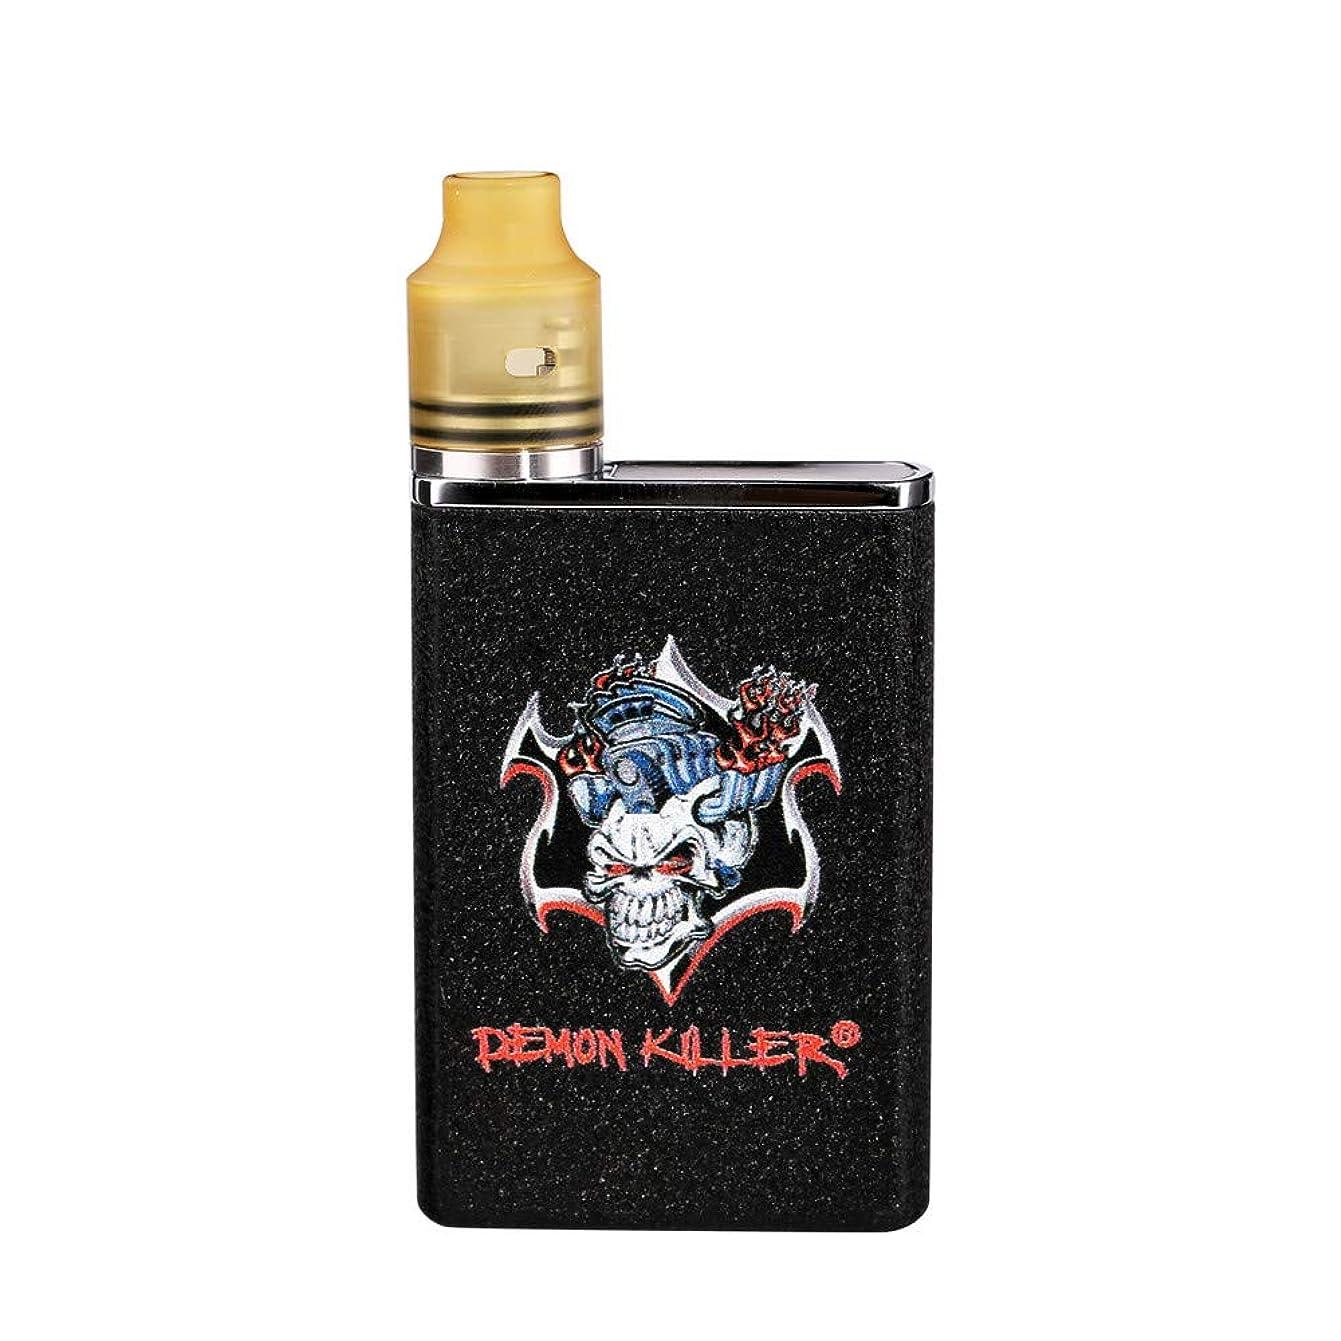 楽観的ゴミ箱を空にする場合【正規品】Demon Killer TINY RDA kit 電子タバコセット (ブラック)